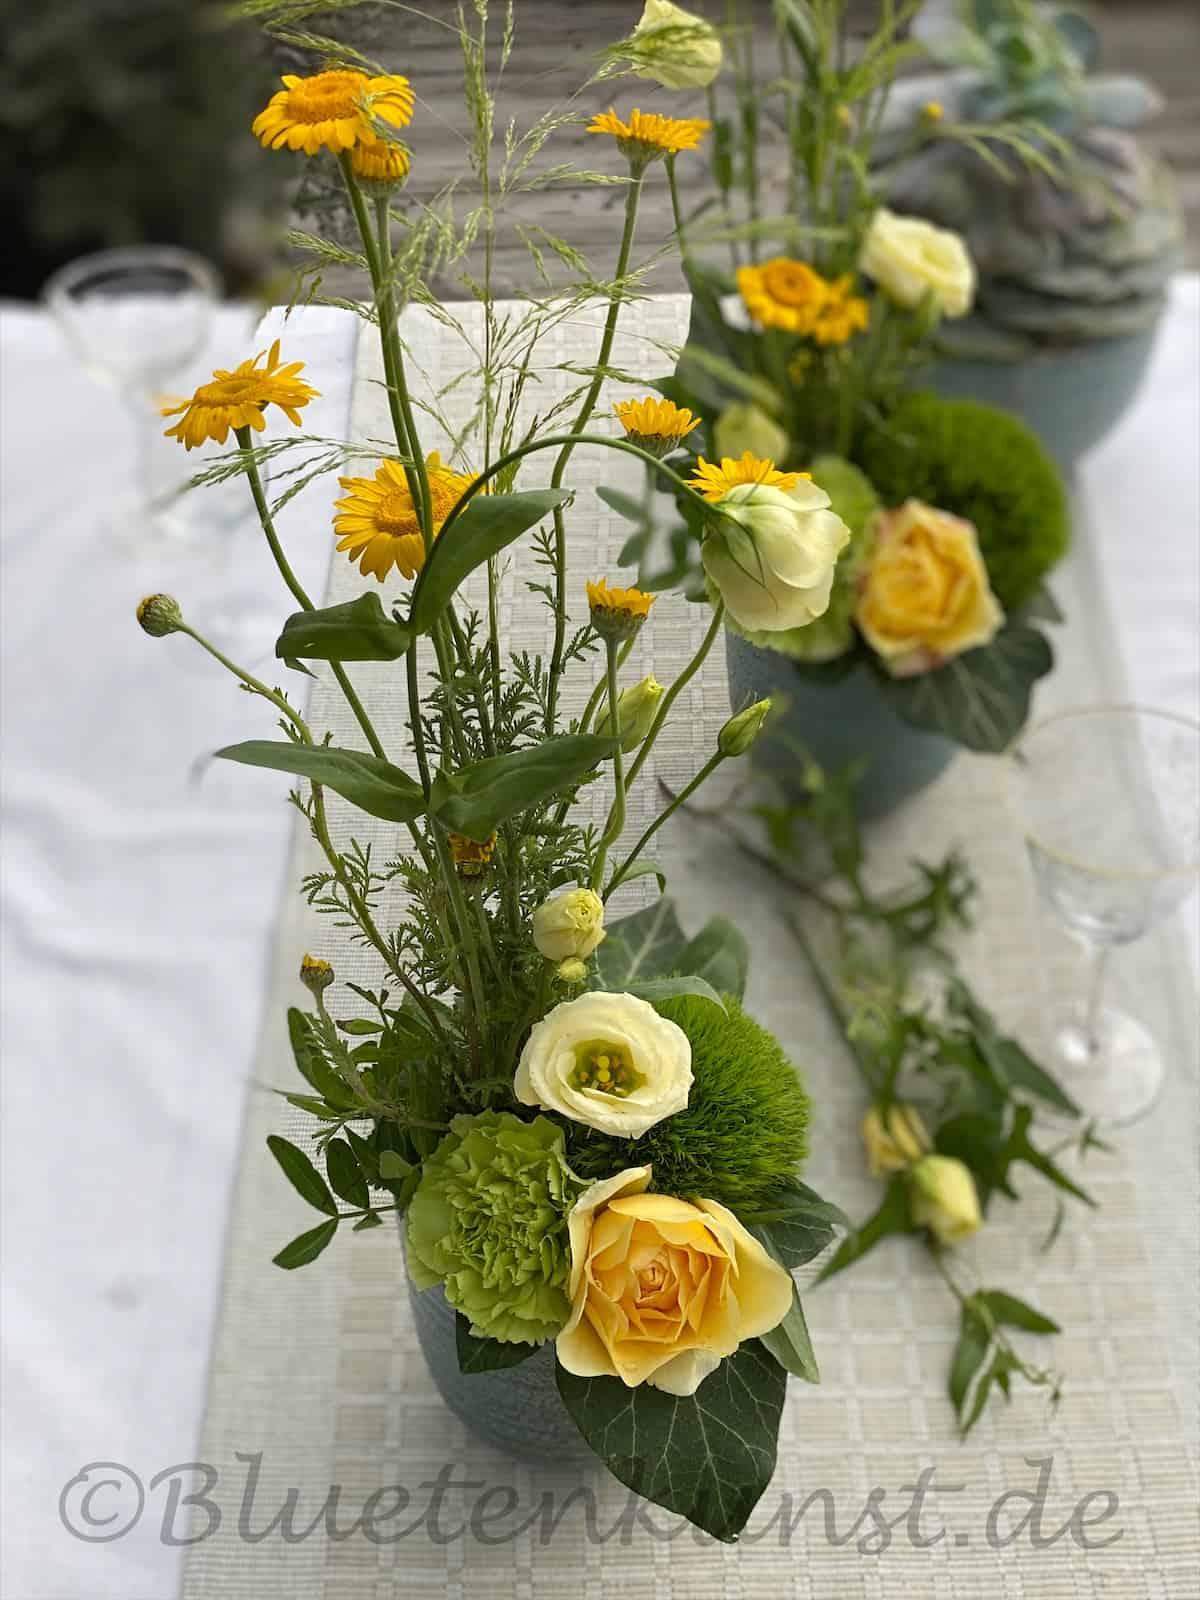 Blütenkunst auf dem Tisch Gräser und Wiesenblumen, Kamille und Nelken kombiniert mit gelber Rose aus dem Gartenglück Garten Pörnbach